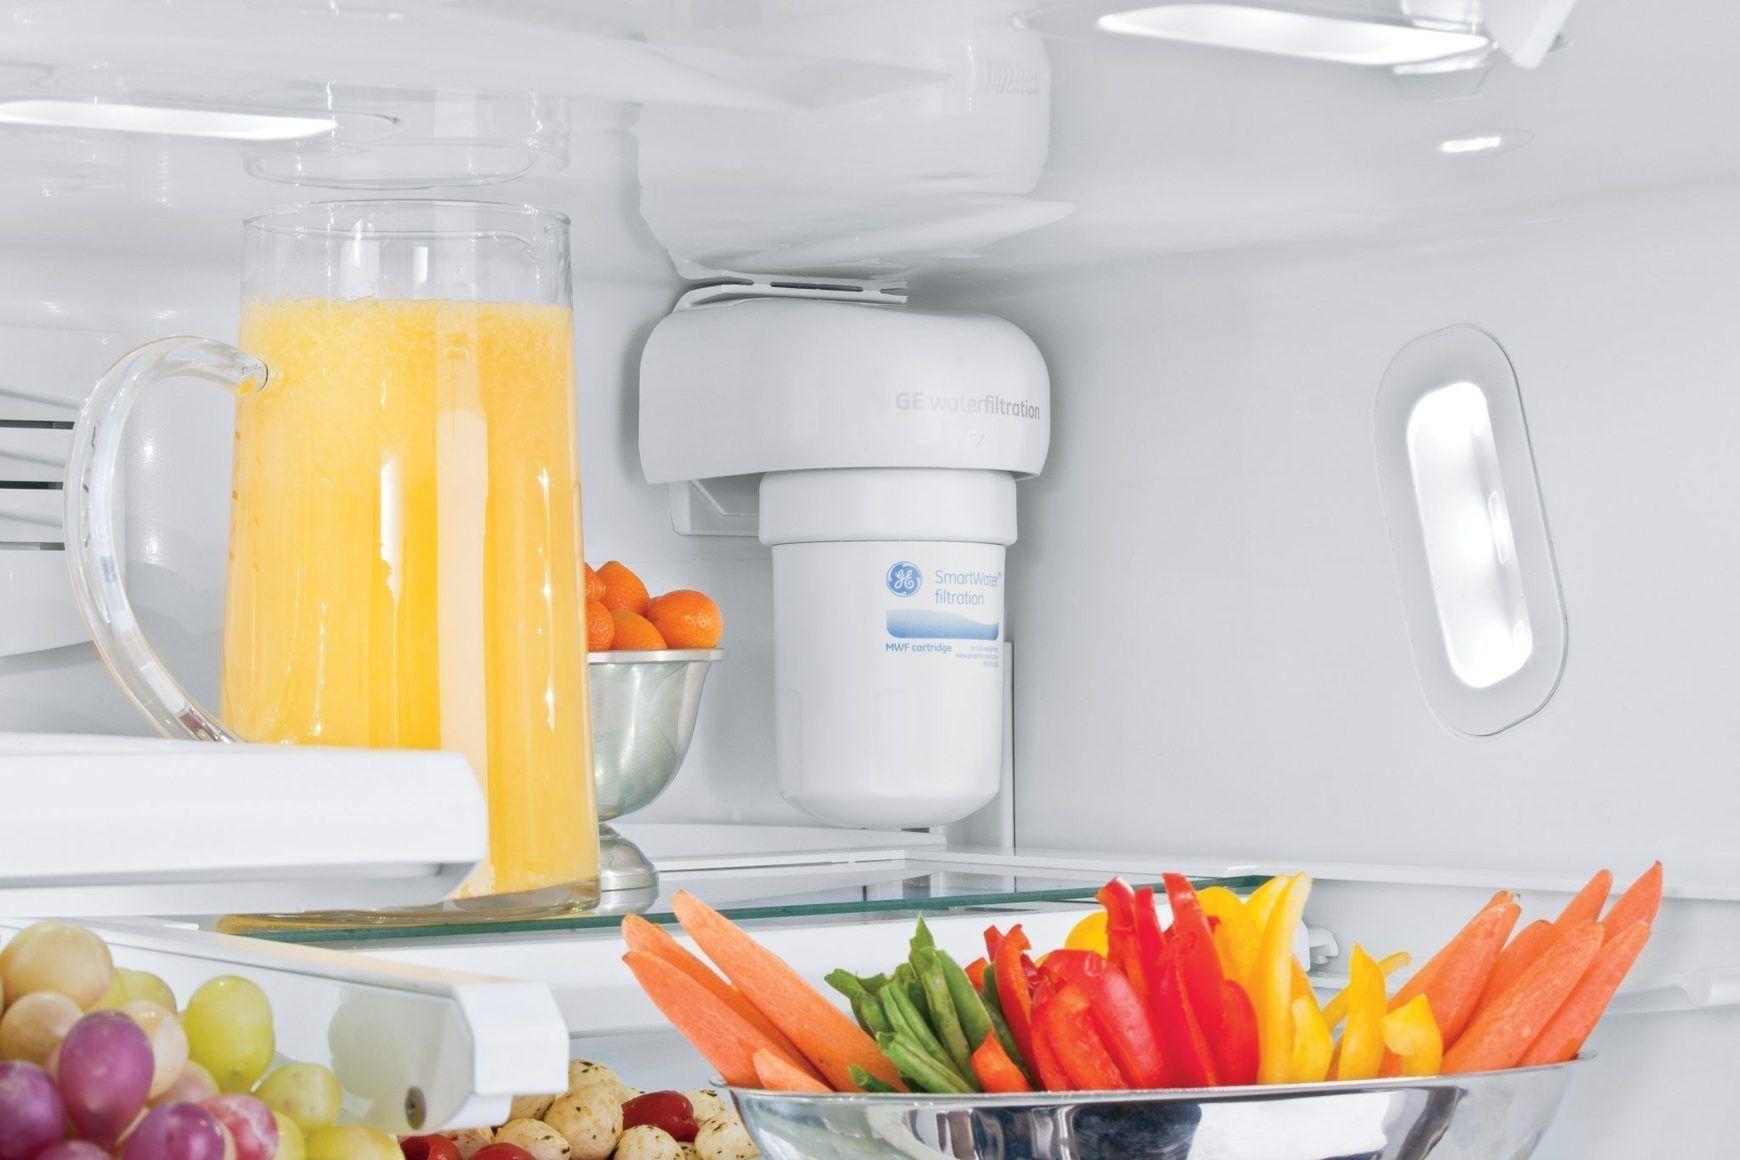 Best refrigerator water filters best refrigerator water